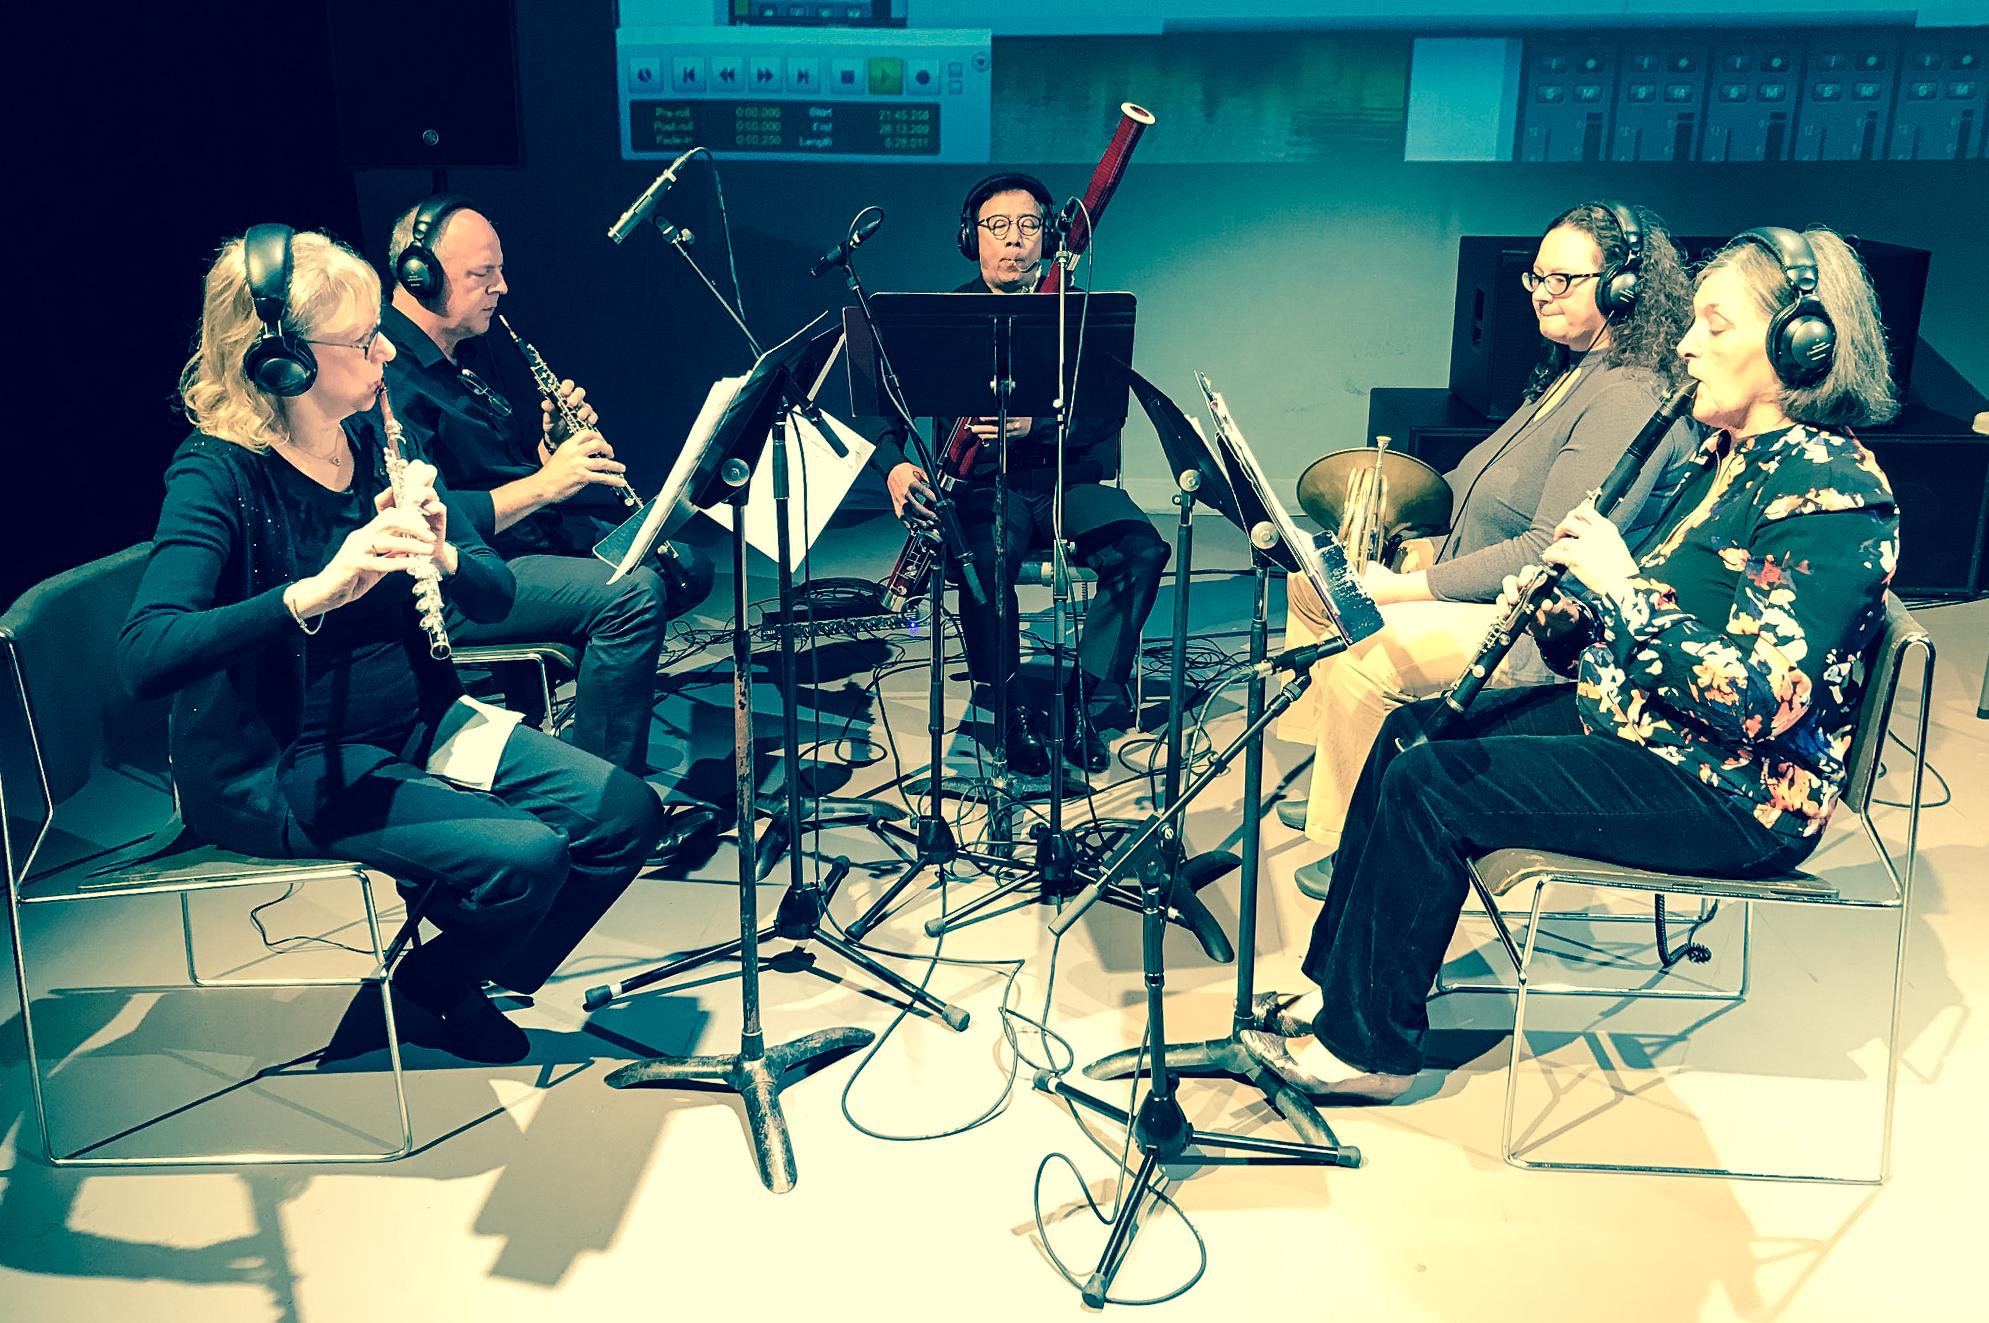 sE8s - Quintet